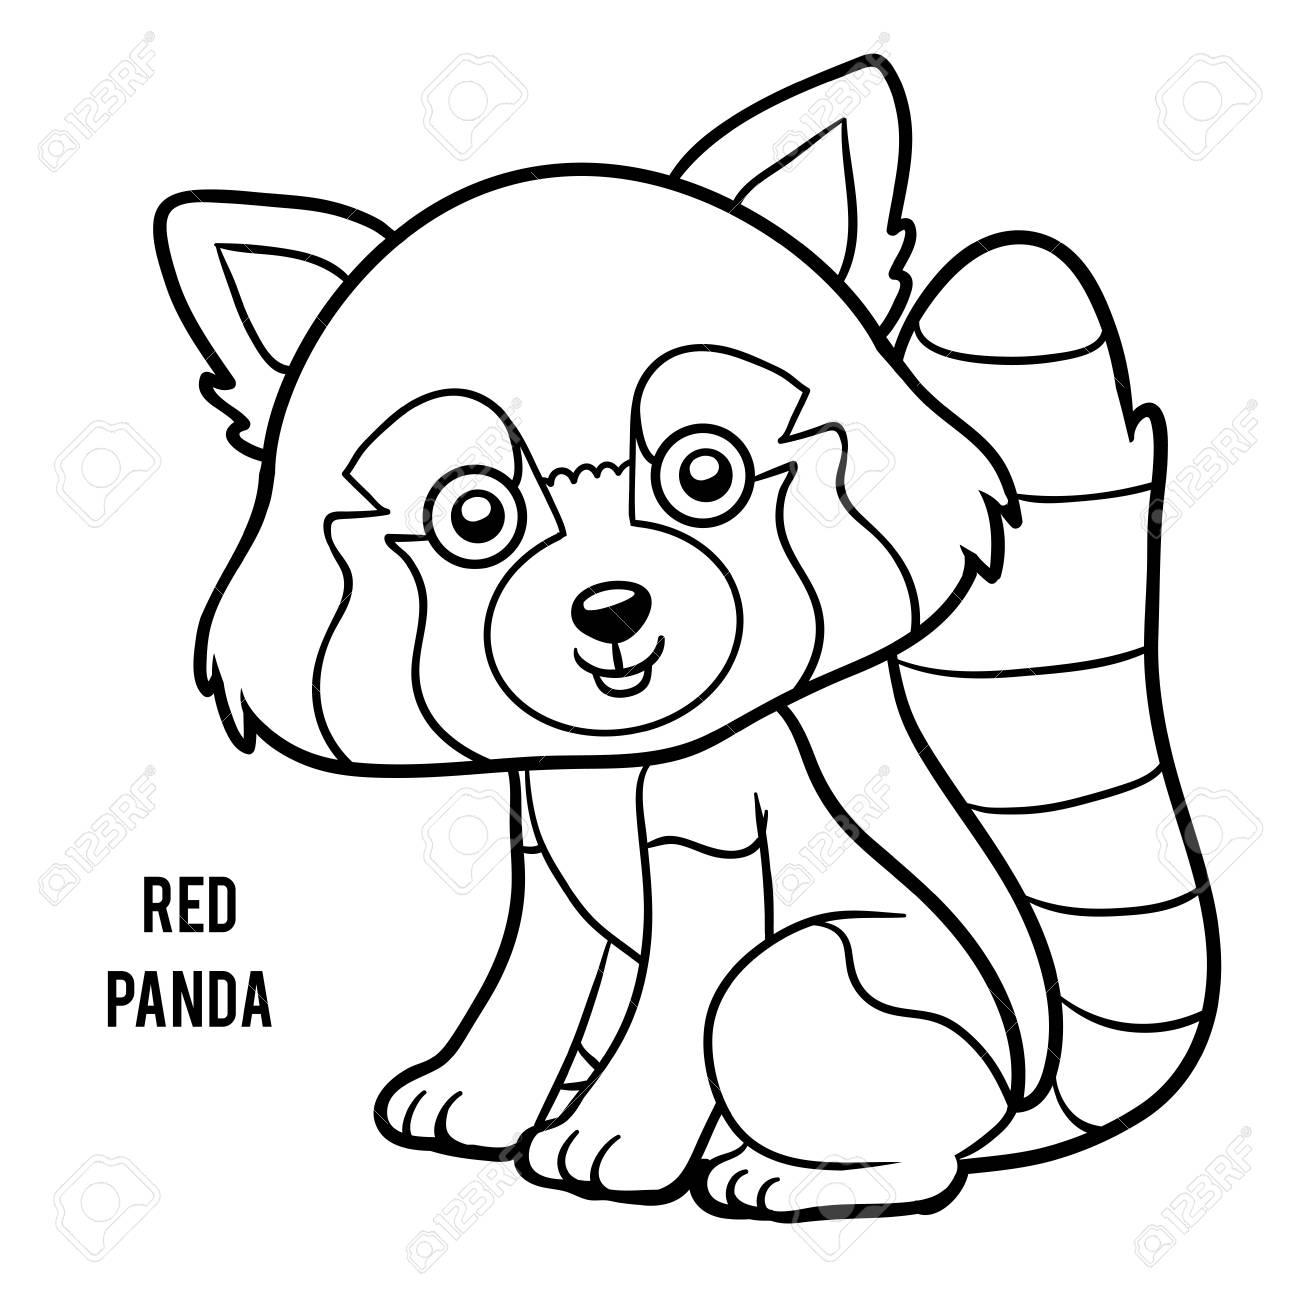 レッサー パンダの子供のための塗り絵のイラスト素材ベクタ Image